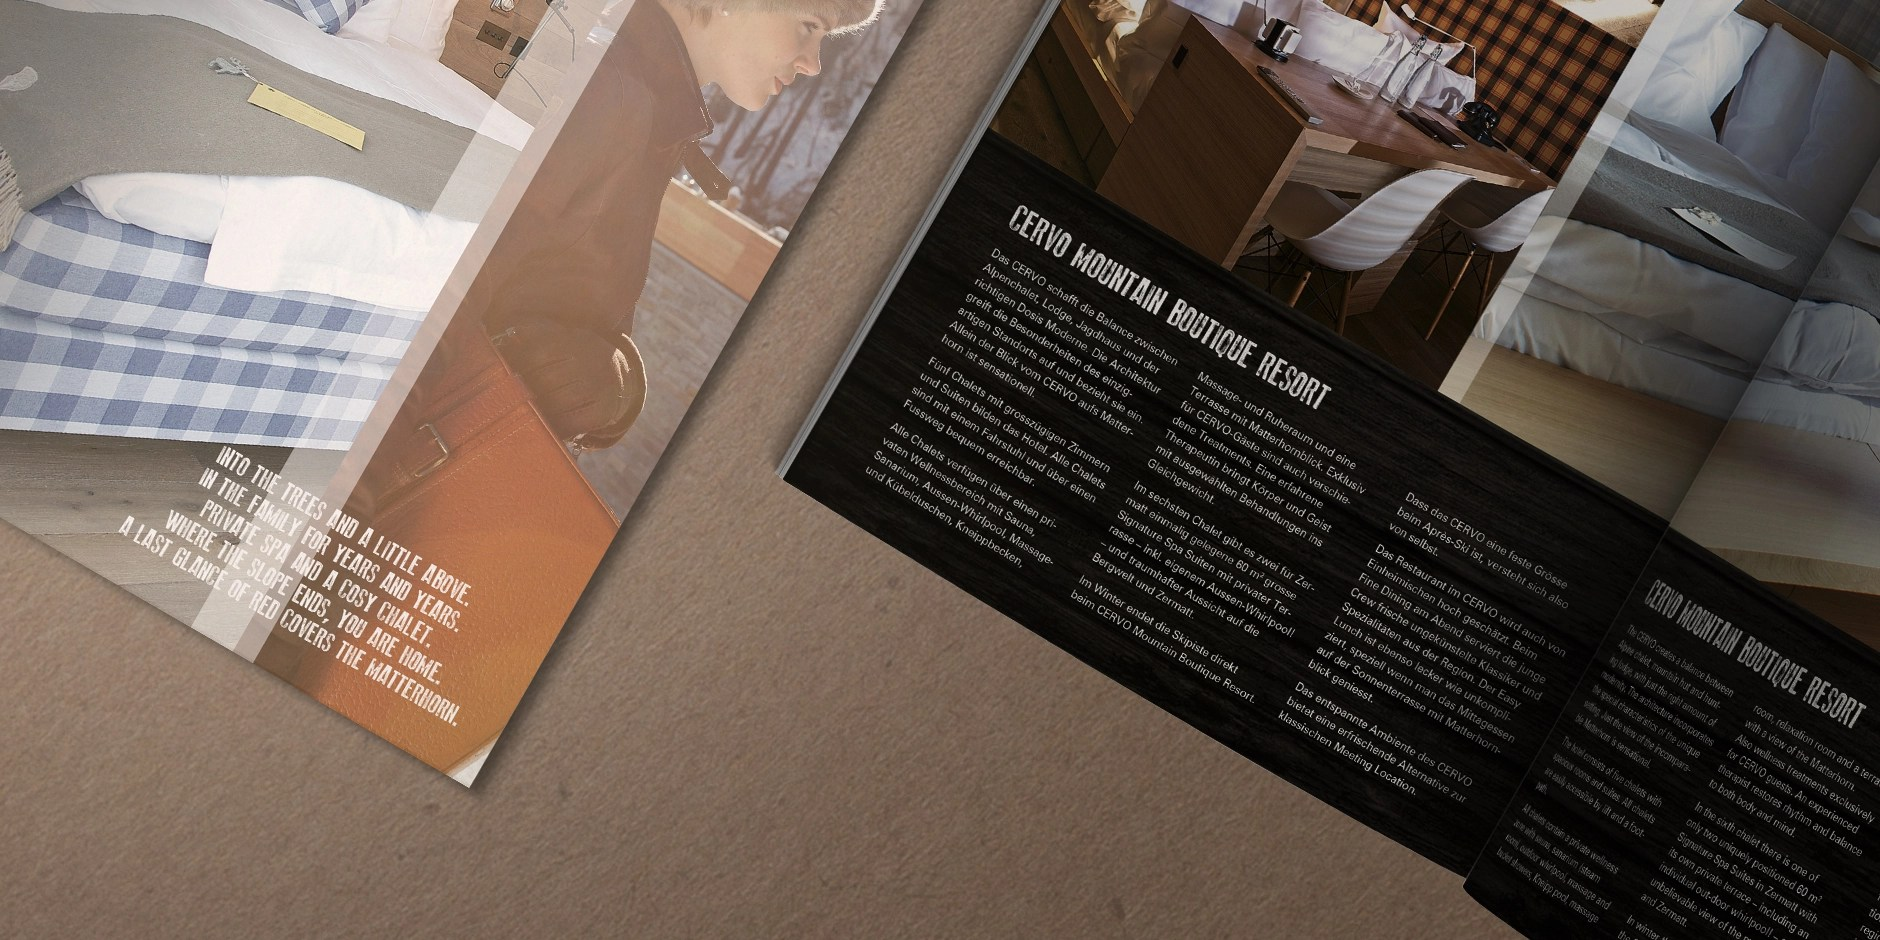 Factsheet 02 für Cervo Mountain Boutique Resort by Werbeagentur Bern - Blitz & Donner